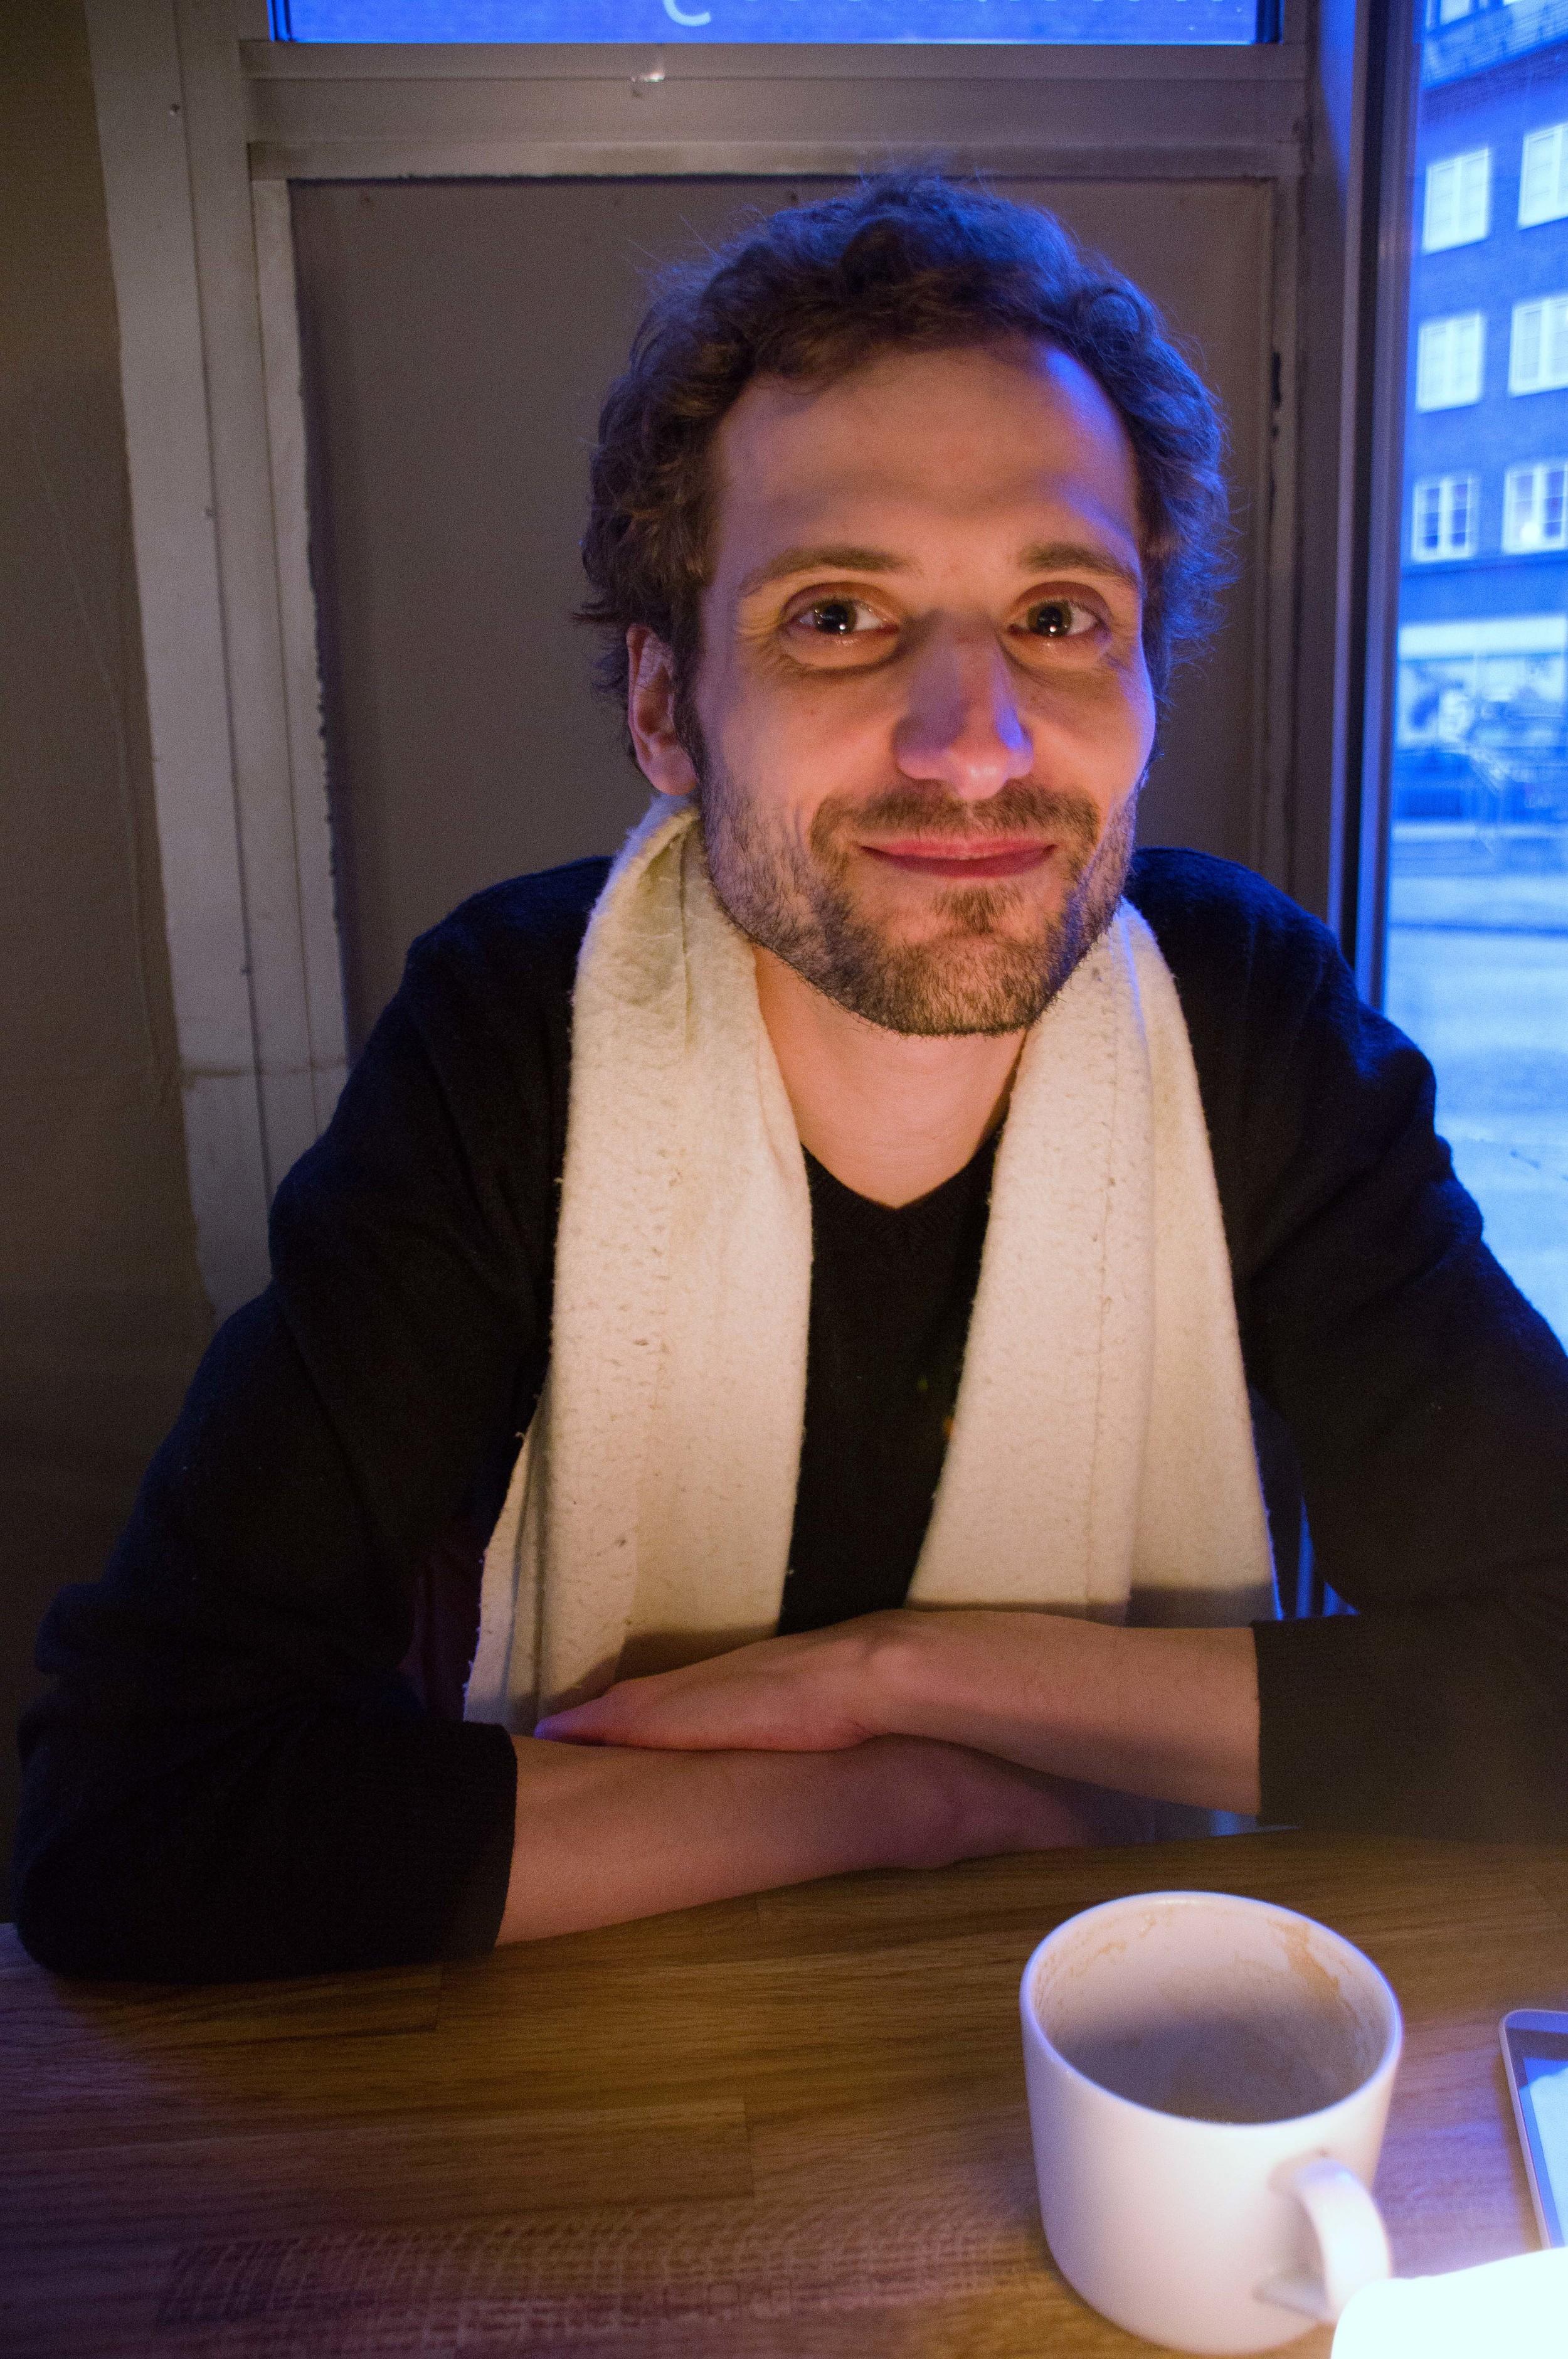 Chef Gouttebel lager fransk gourmetmat på kundens kjøkken